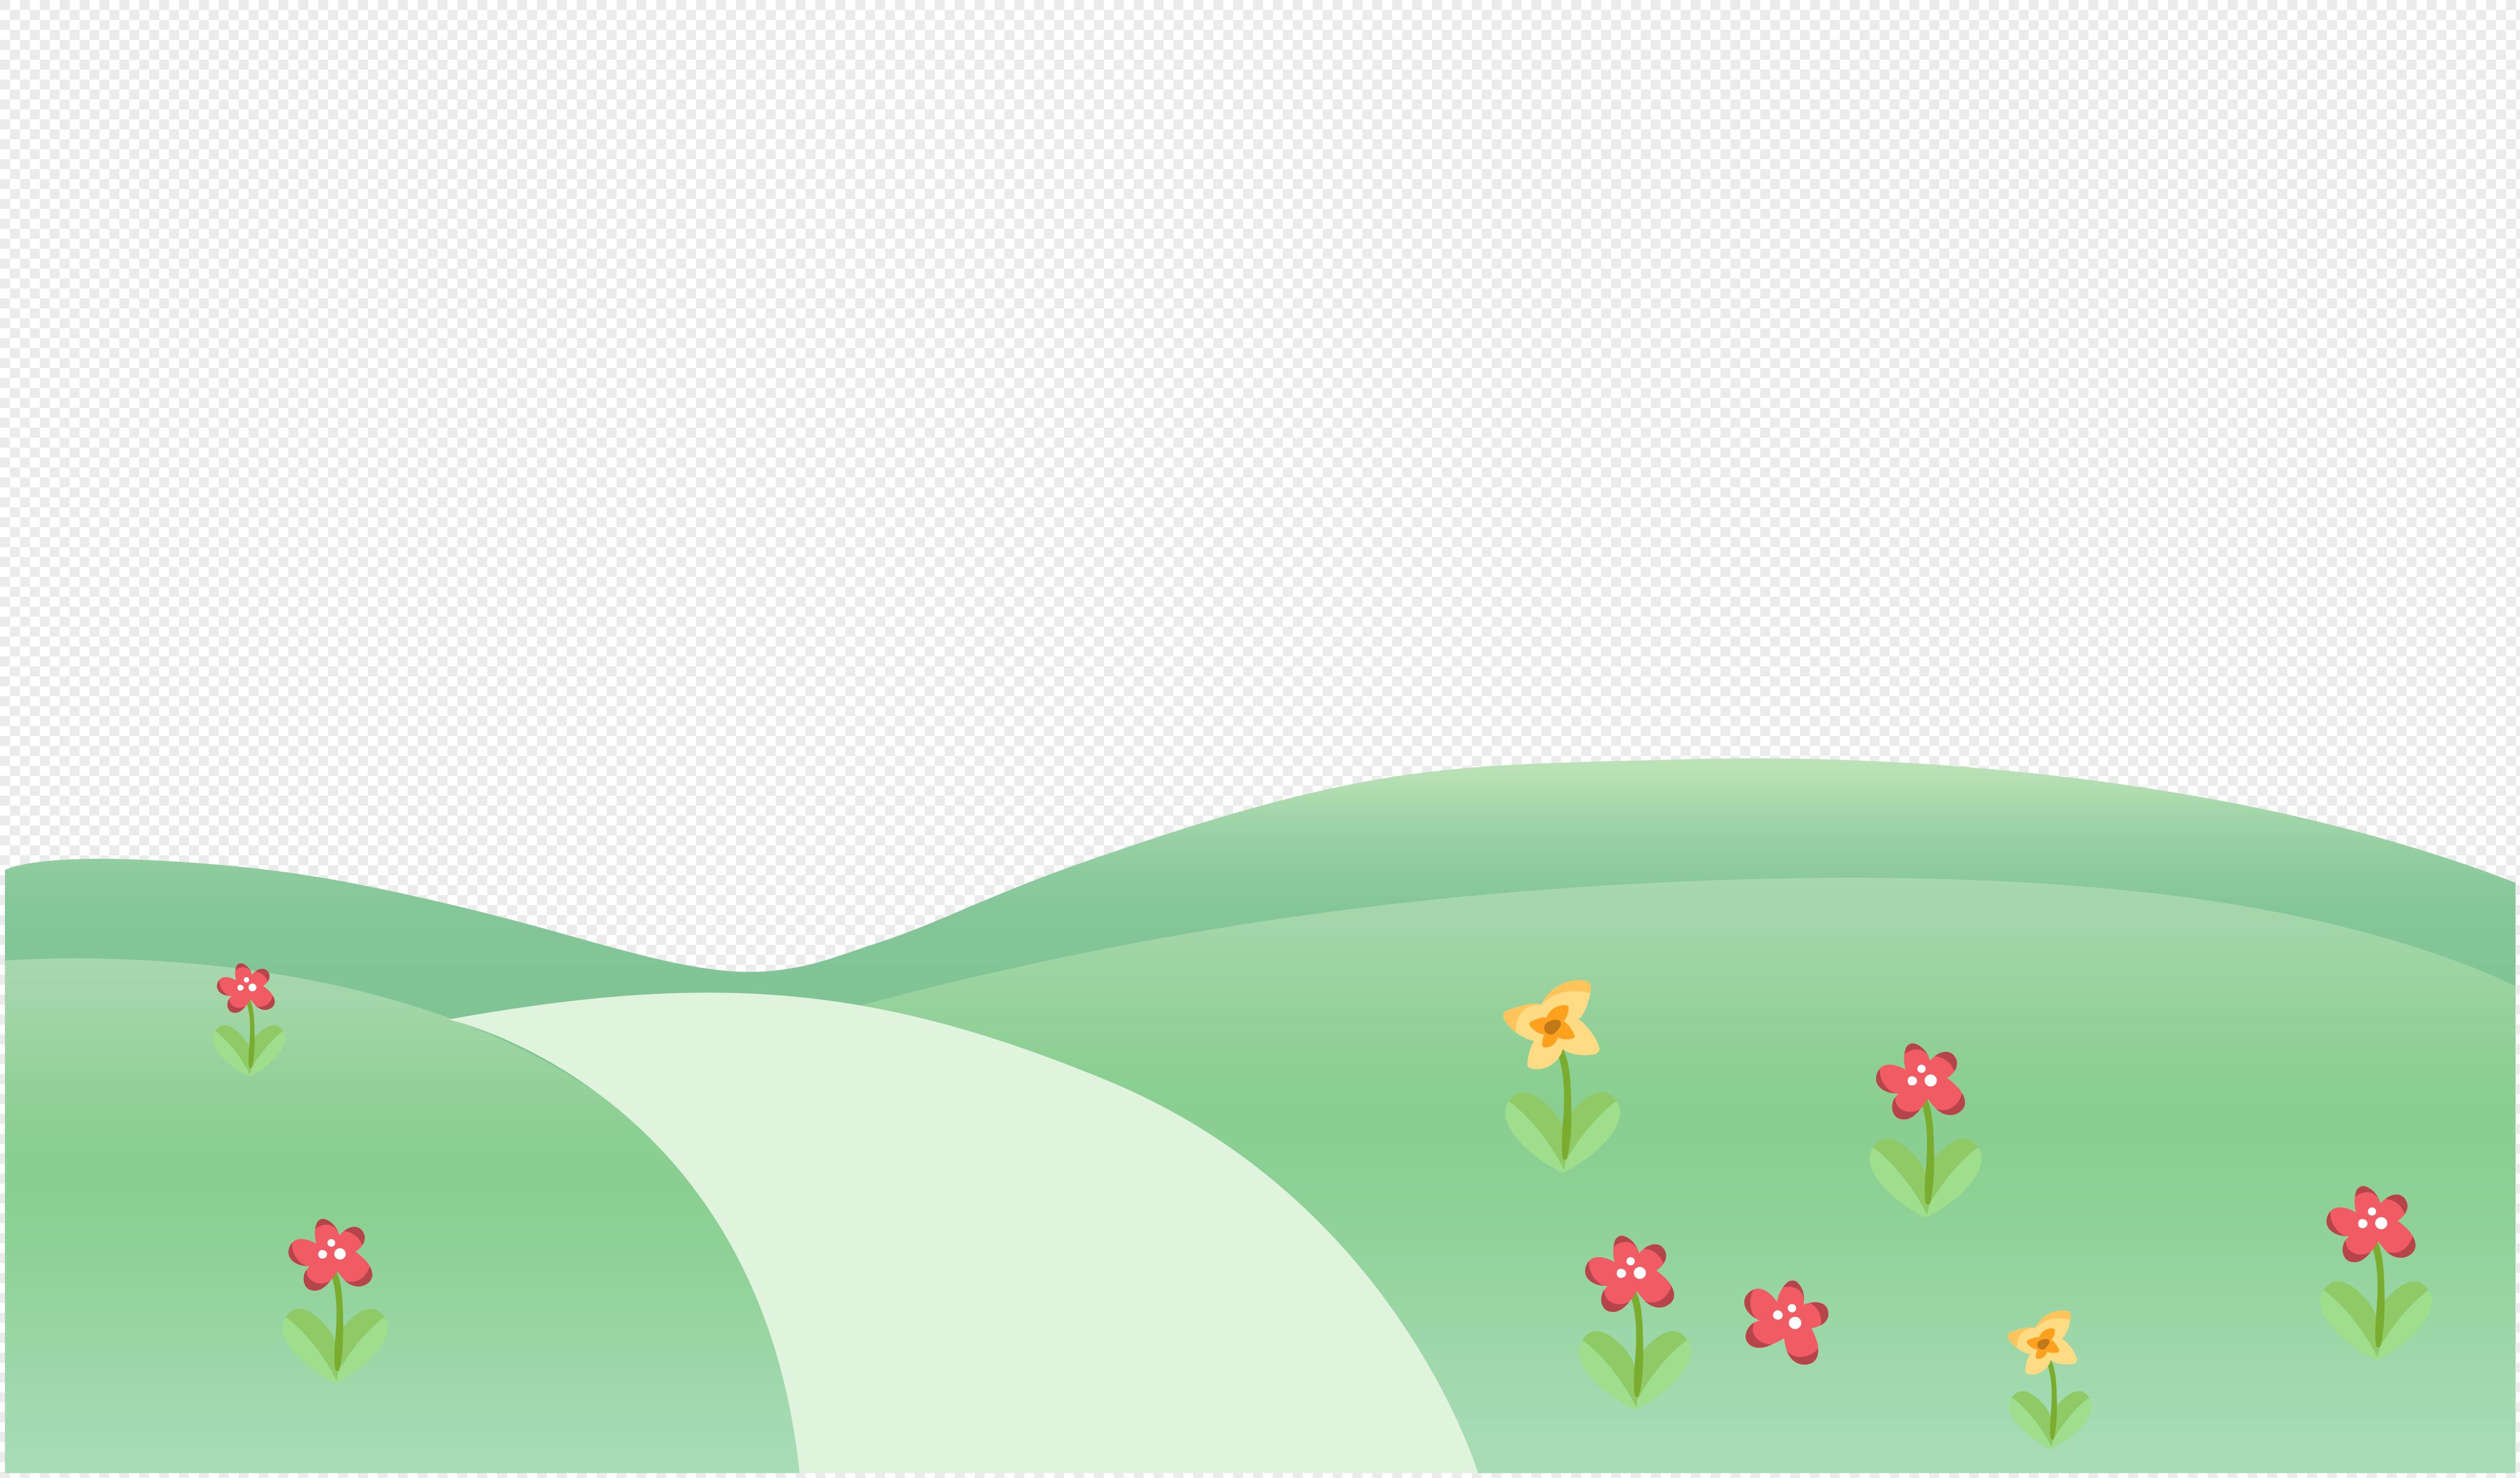 开花的草地